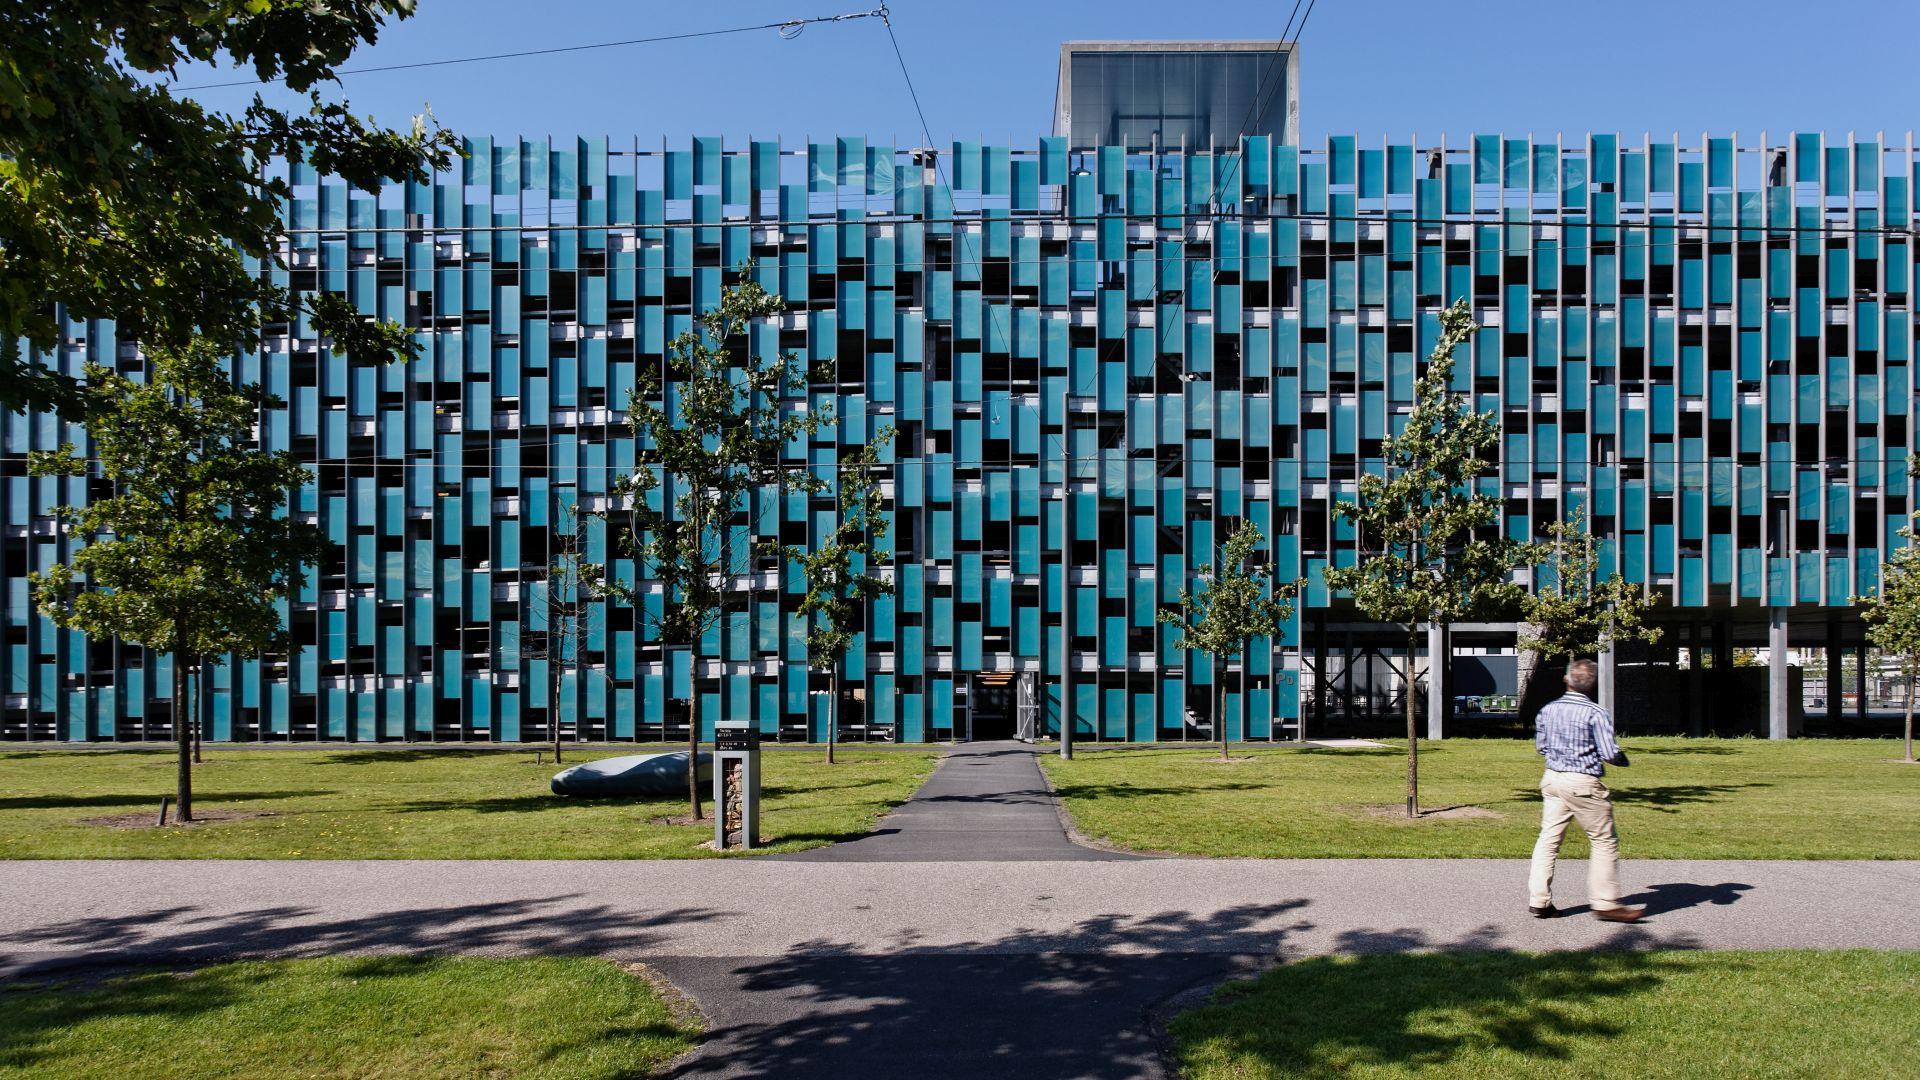 Parkeergarage_P0_High_Tech_Campus_Eindhoven.jpg